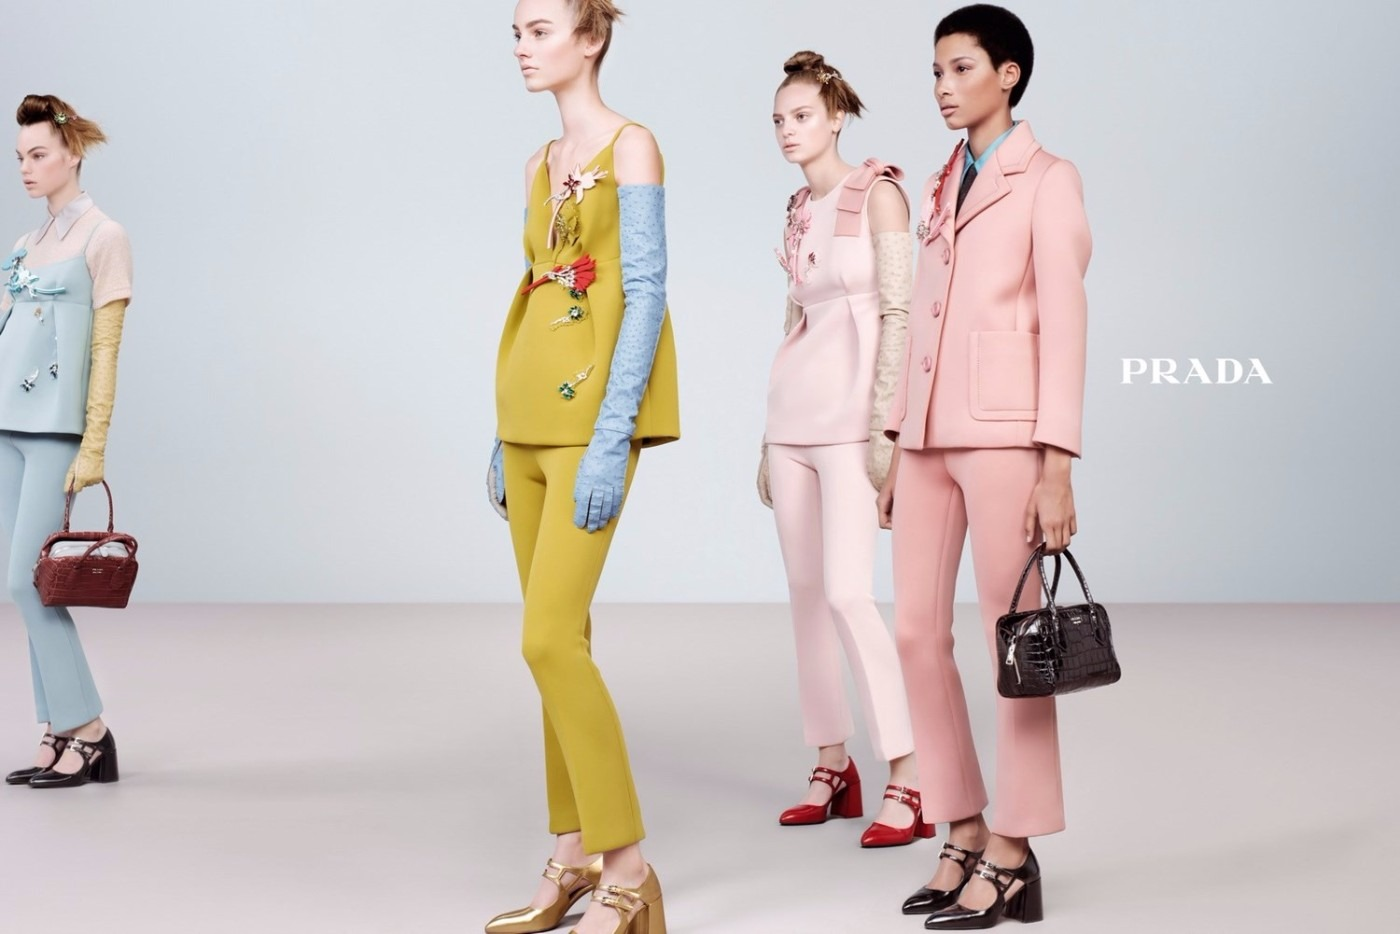 54c56210c8e0 Сладкая и ироничная реклама Prada. Осень-зима, 2015 16   ApollonBezobrazov    Intermoda.Ru - новости мировой индустрии моды и России